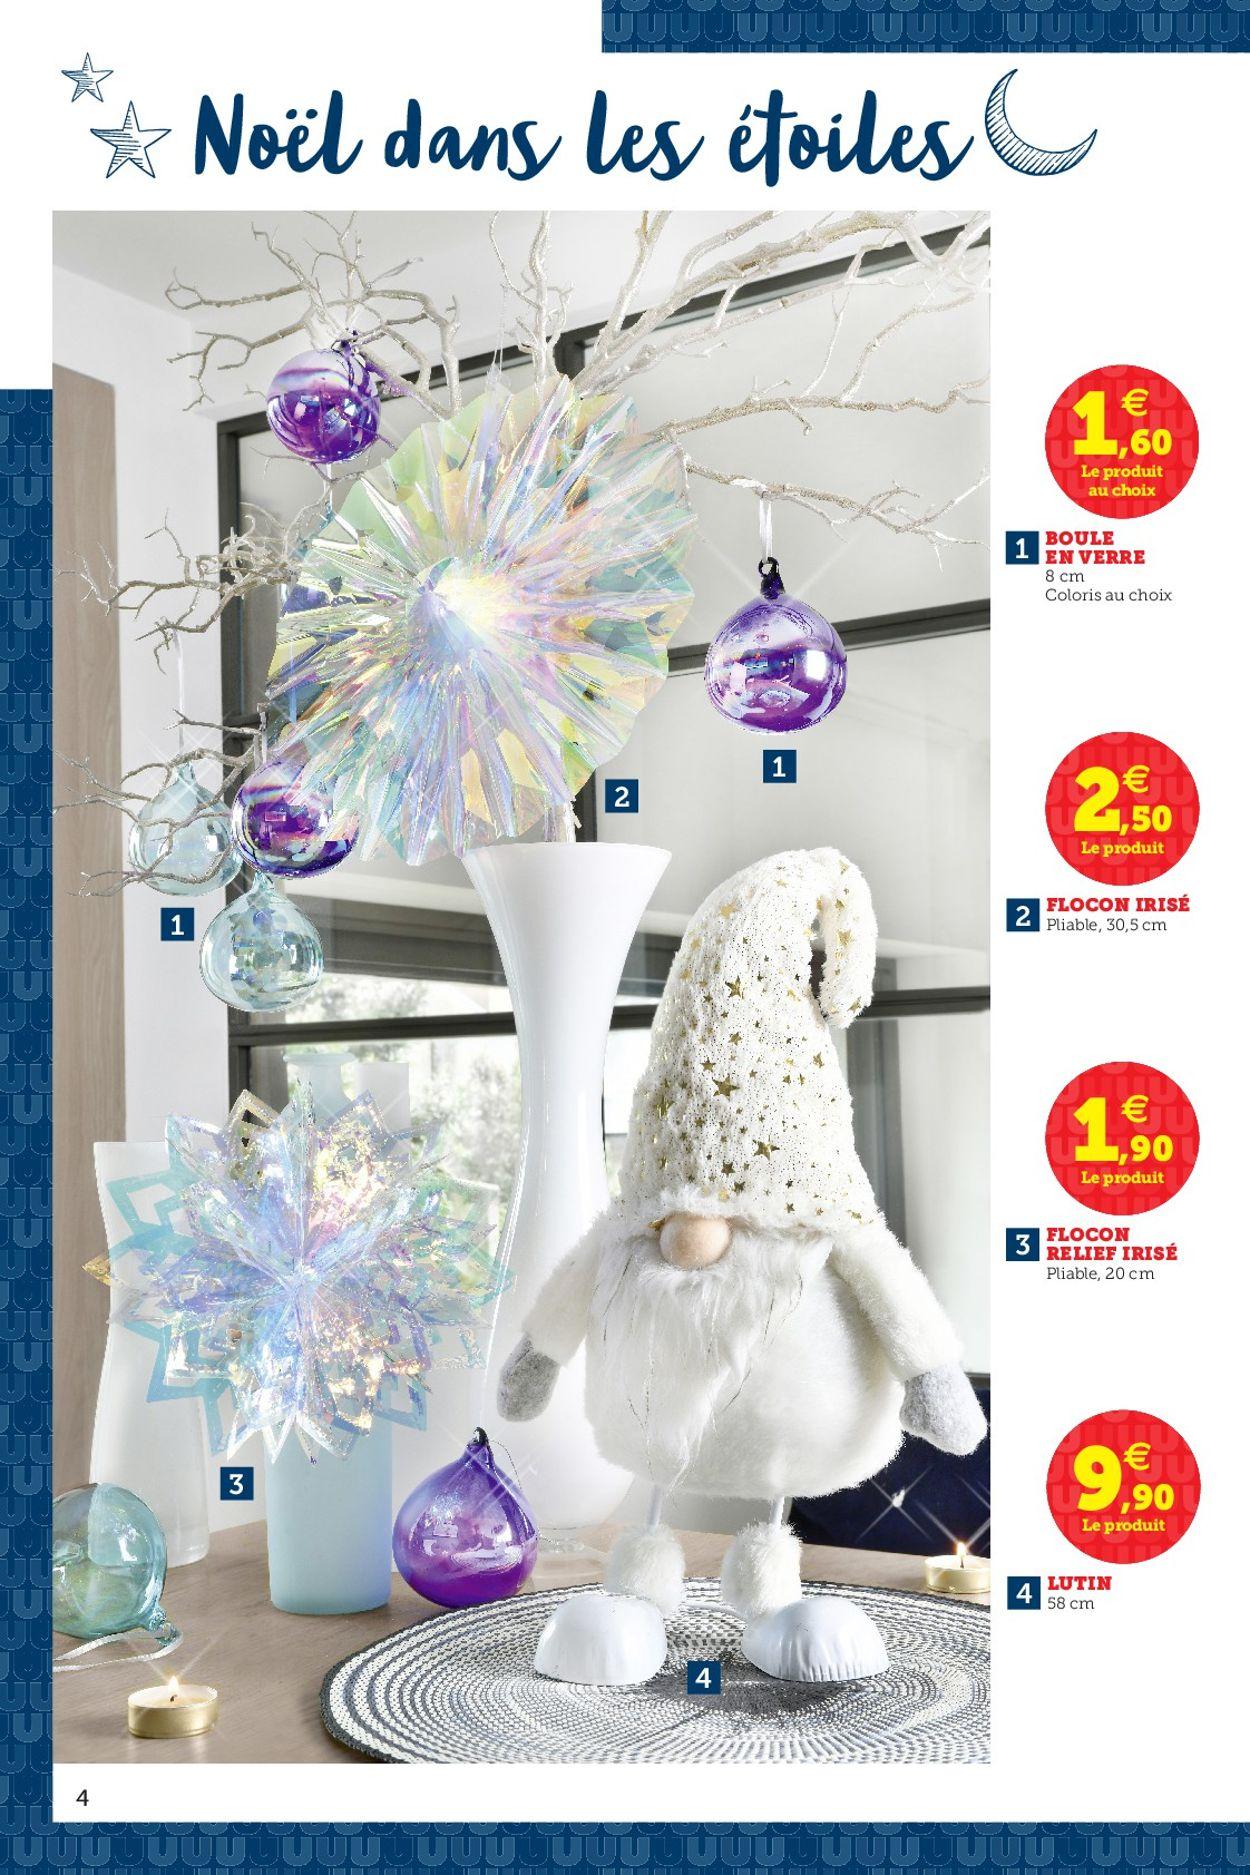 Magasins U - noël Catalogue - 17.11-24.12.2020 (Page 4)